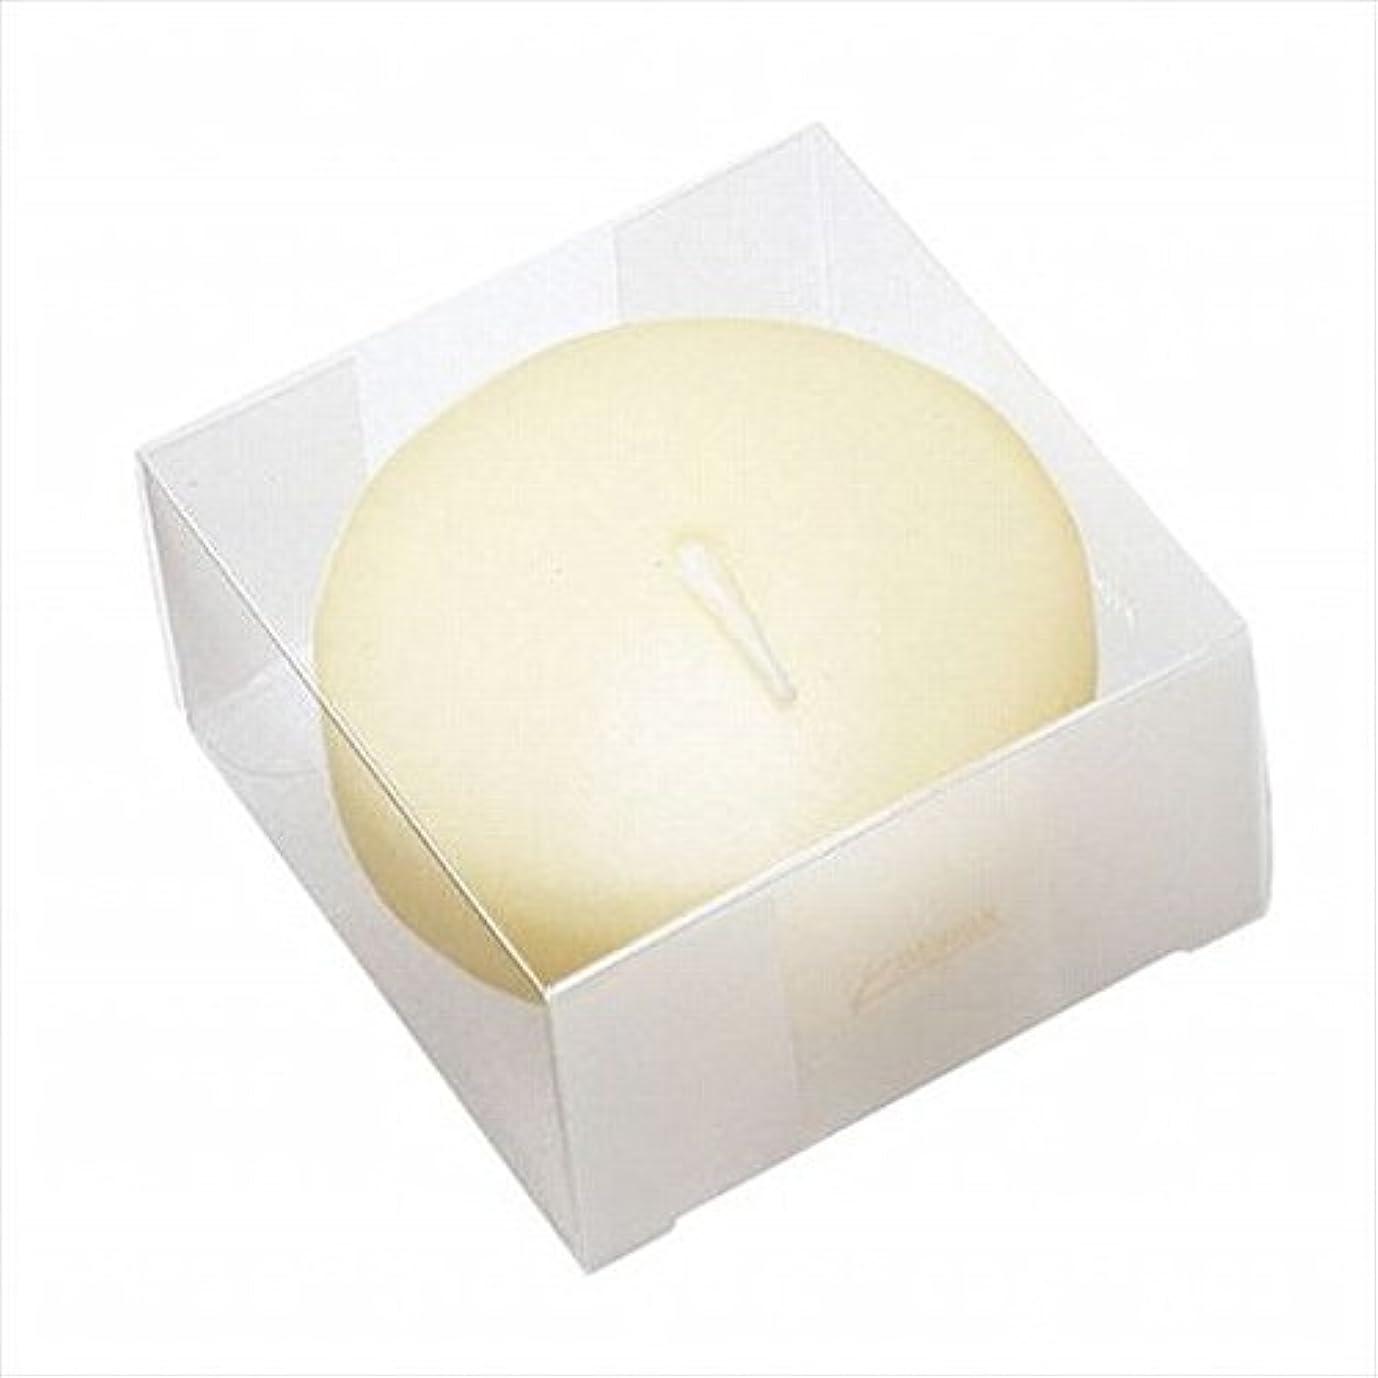 有力者再びセミナーkameyama candle(カメヤマキャンドル) プール80(箱入り) 「 アイボリー 」 キャンドル 80x80x45mm (A7069050)